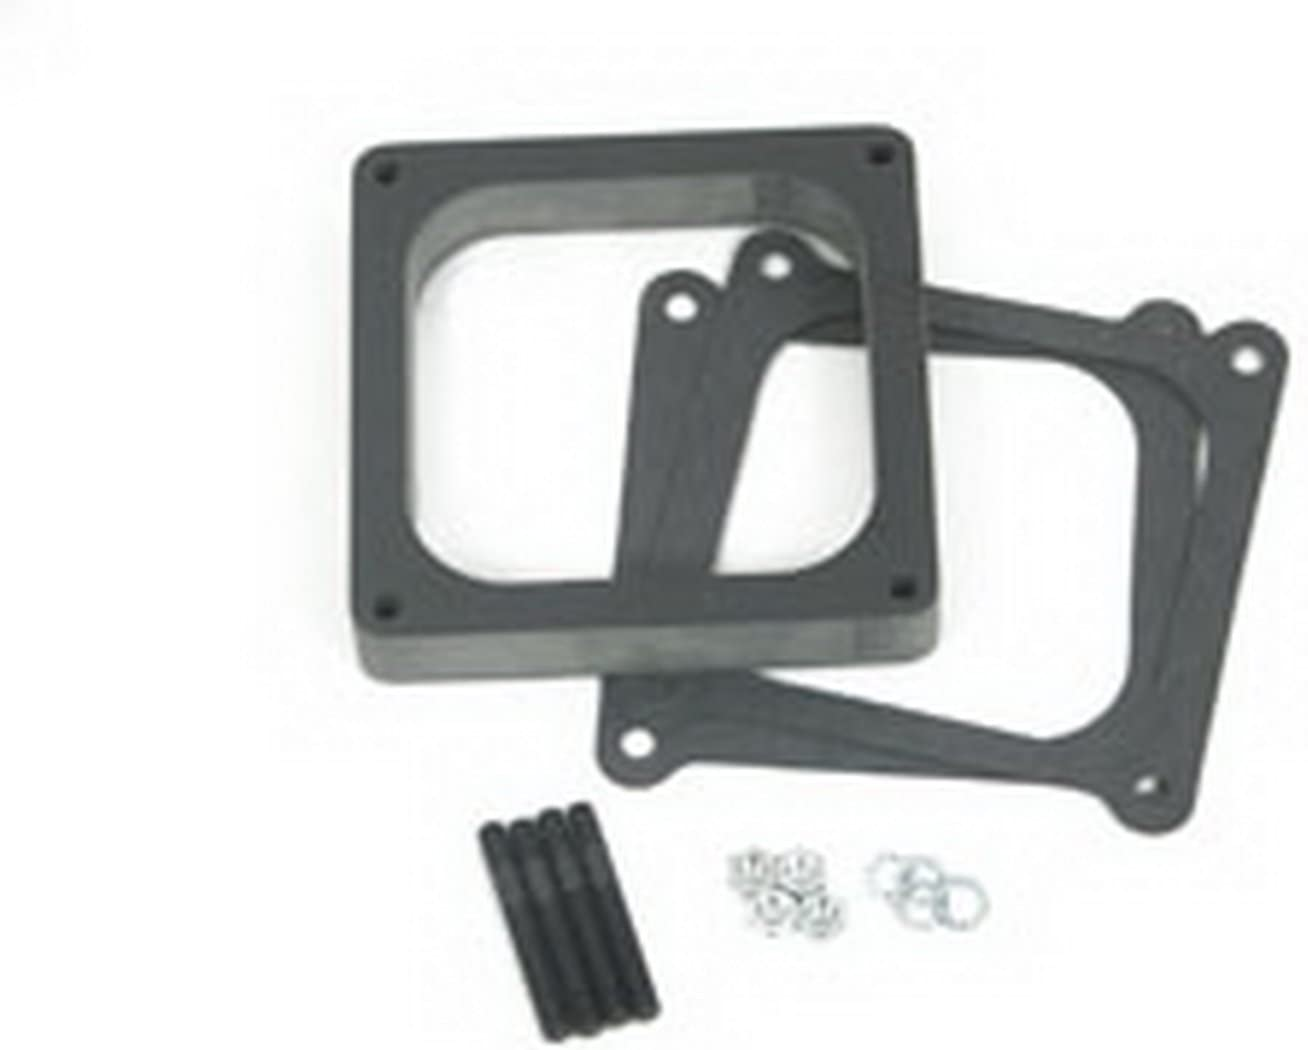 Holley 17-59 Intake Manifold Spacer